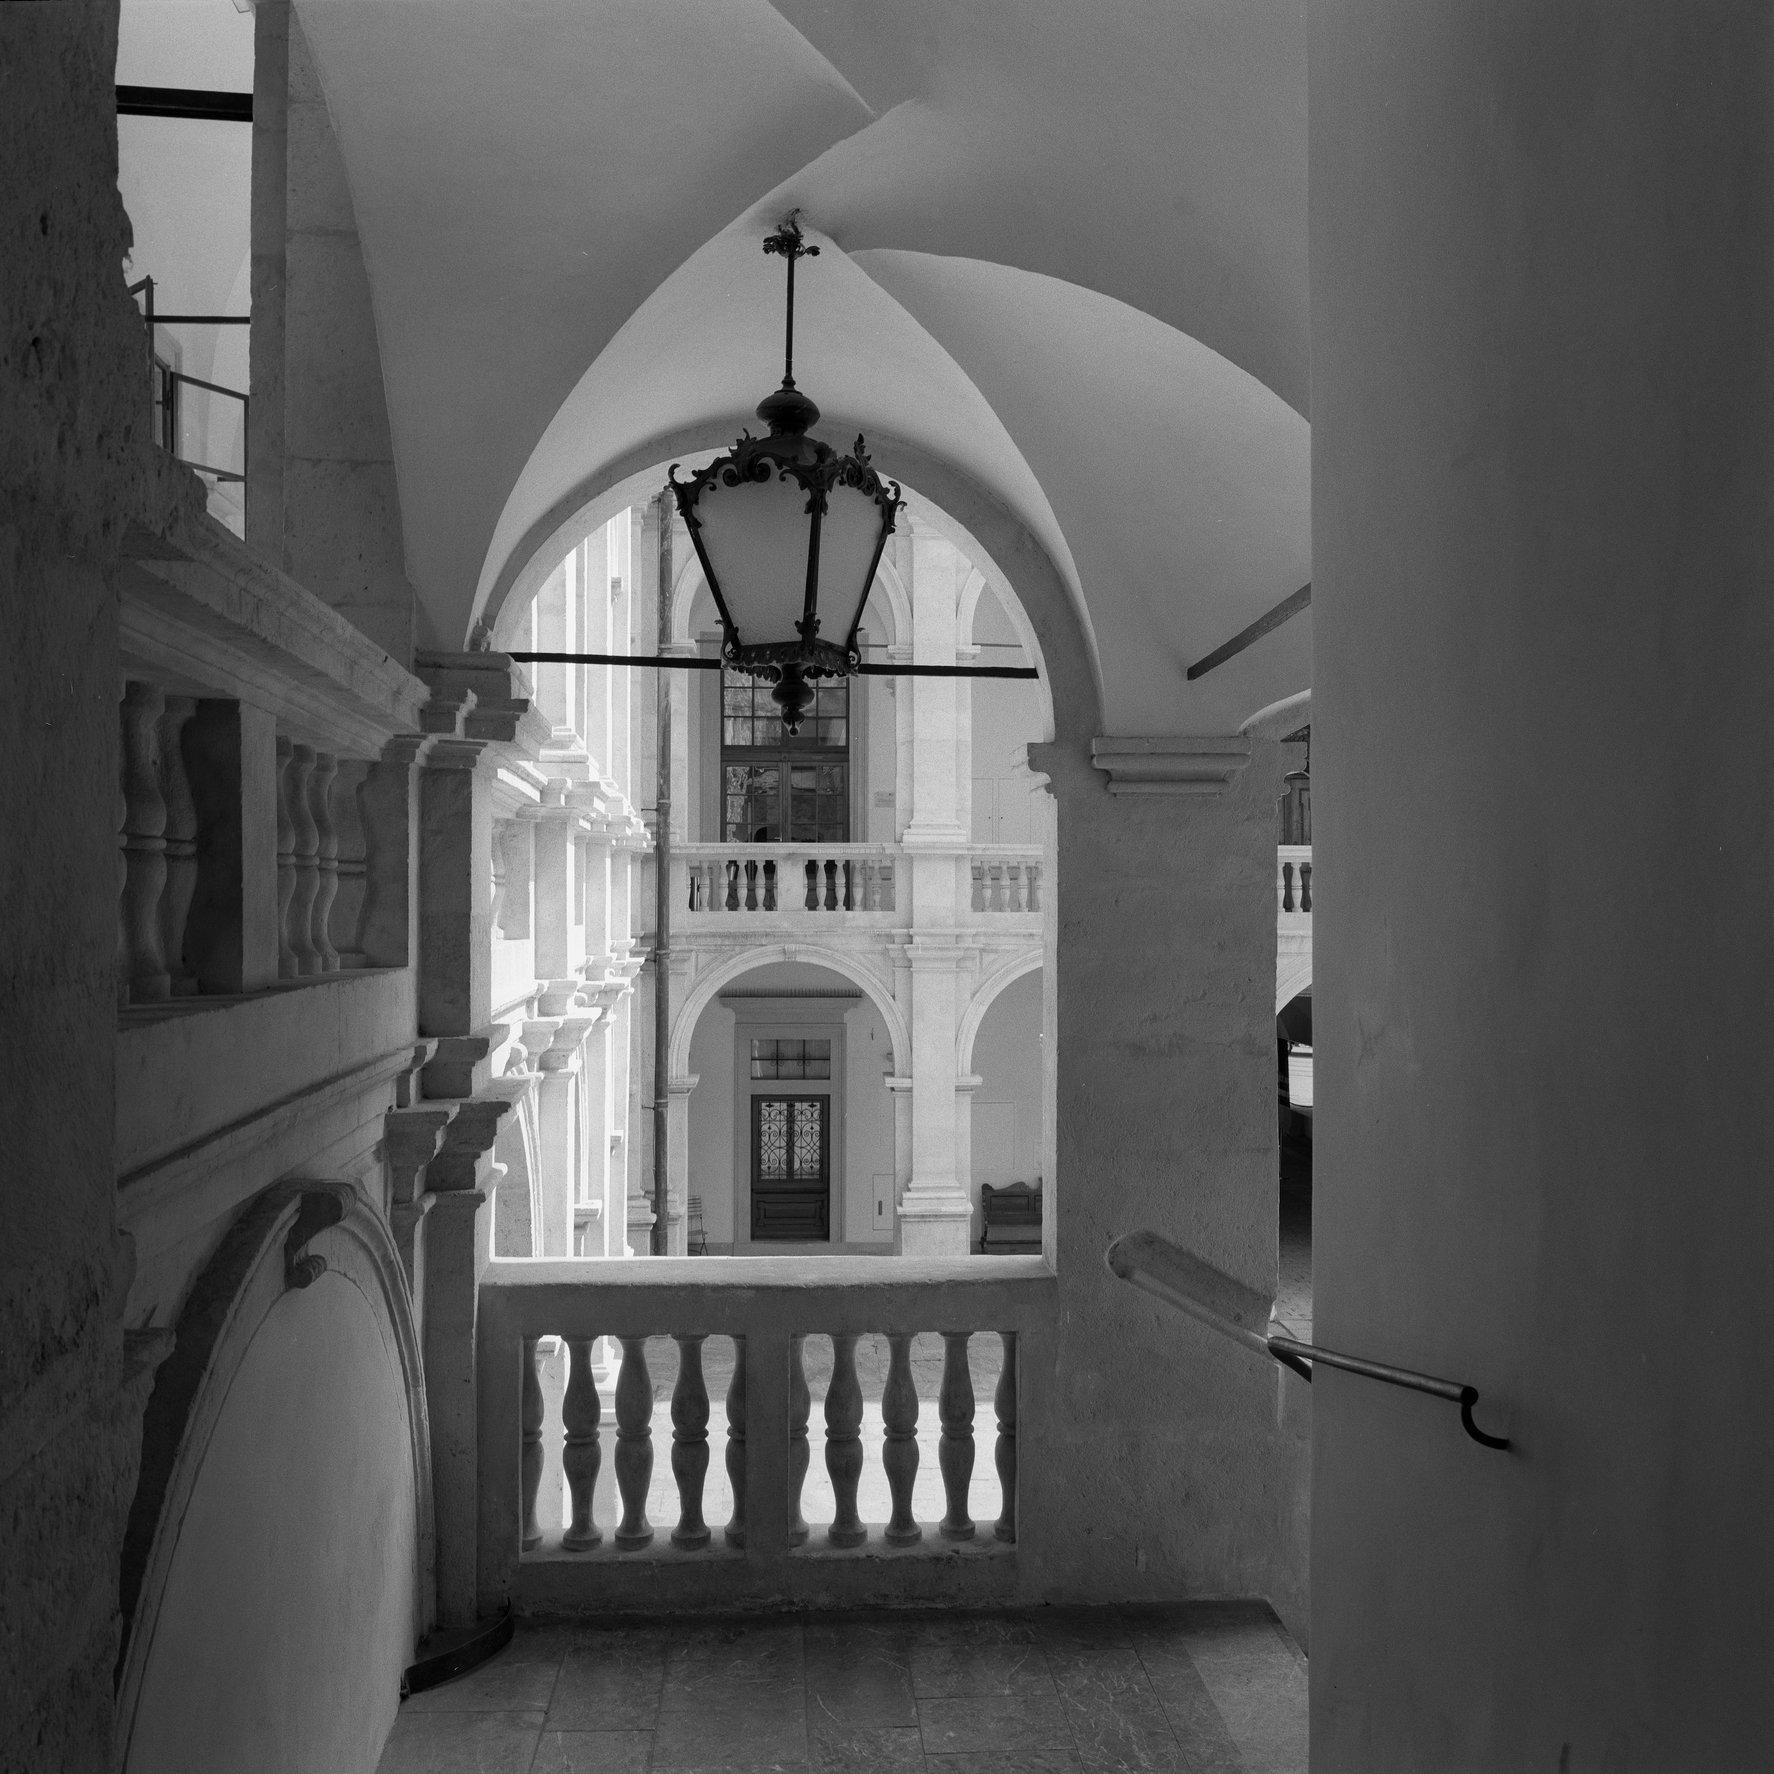 Landhaus Courtyard #1